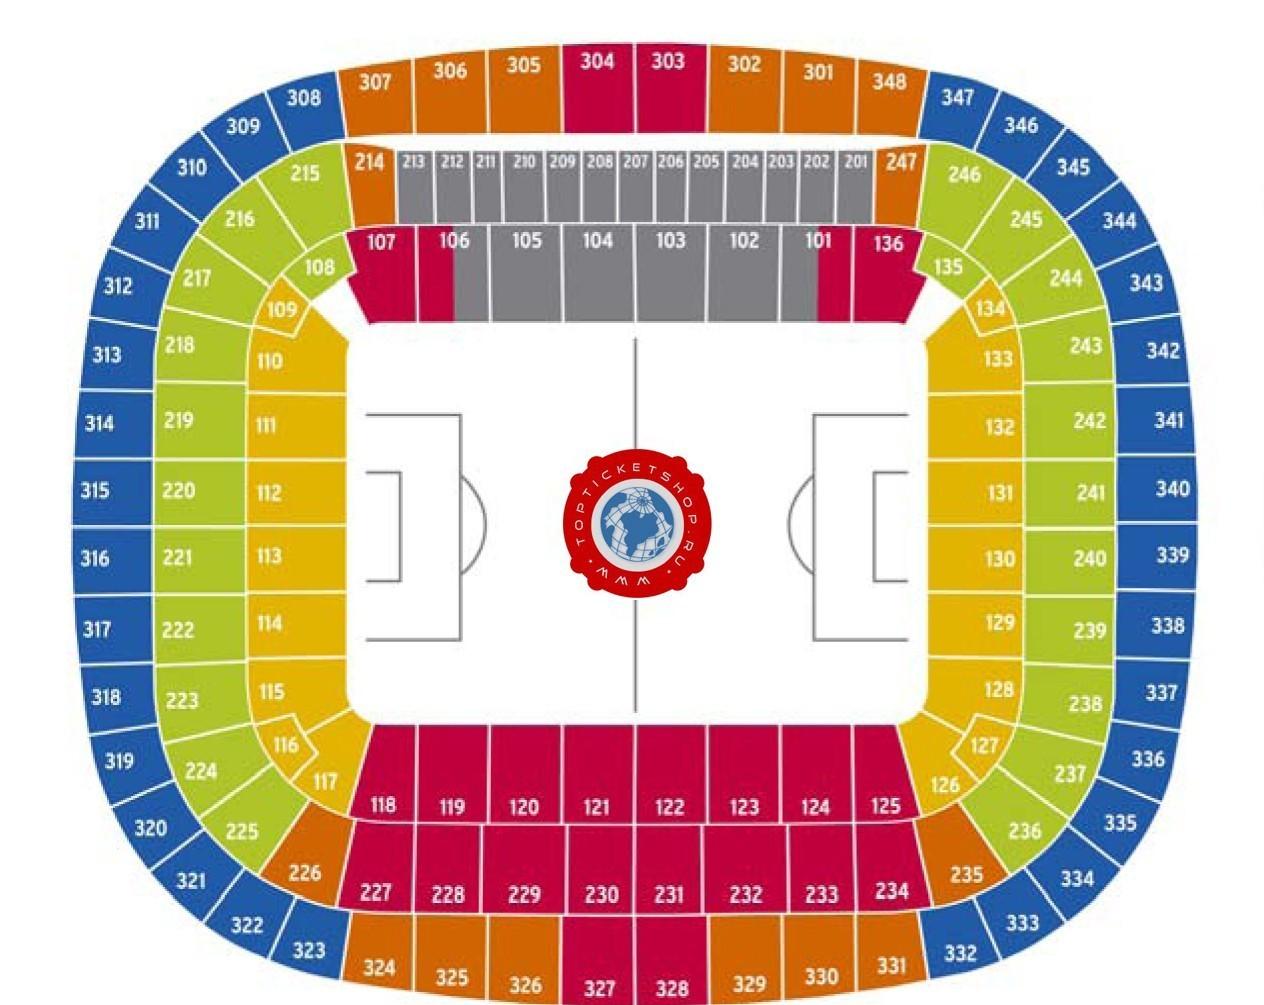 25 Апреля 2018 1/2 финала Лиги чемпионов УЕФА матч Бавария - Реал купить билеты